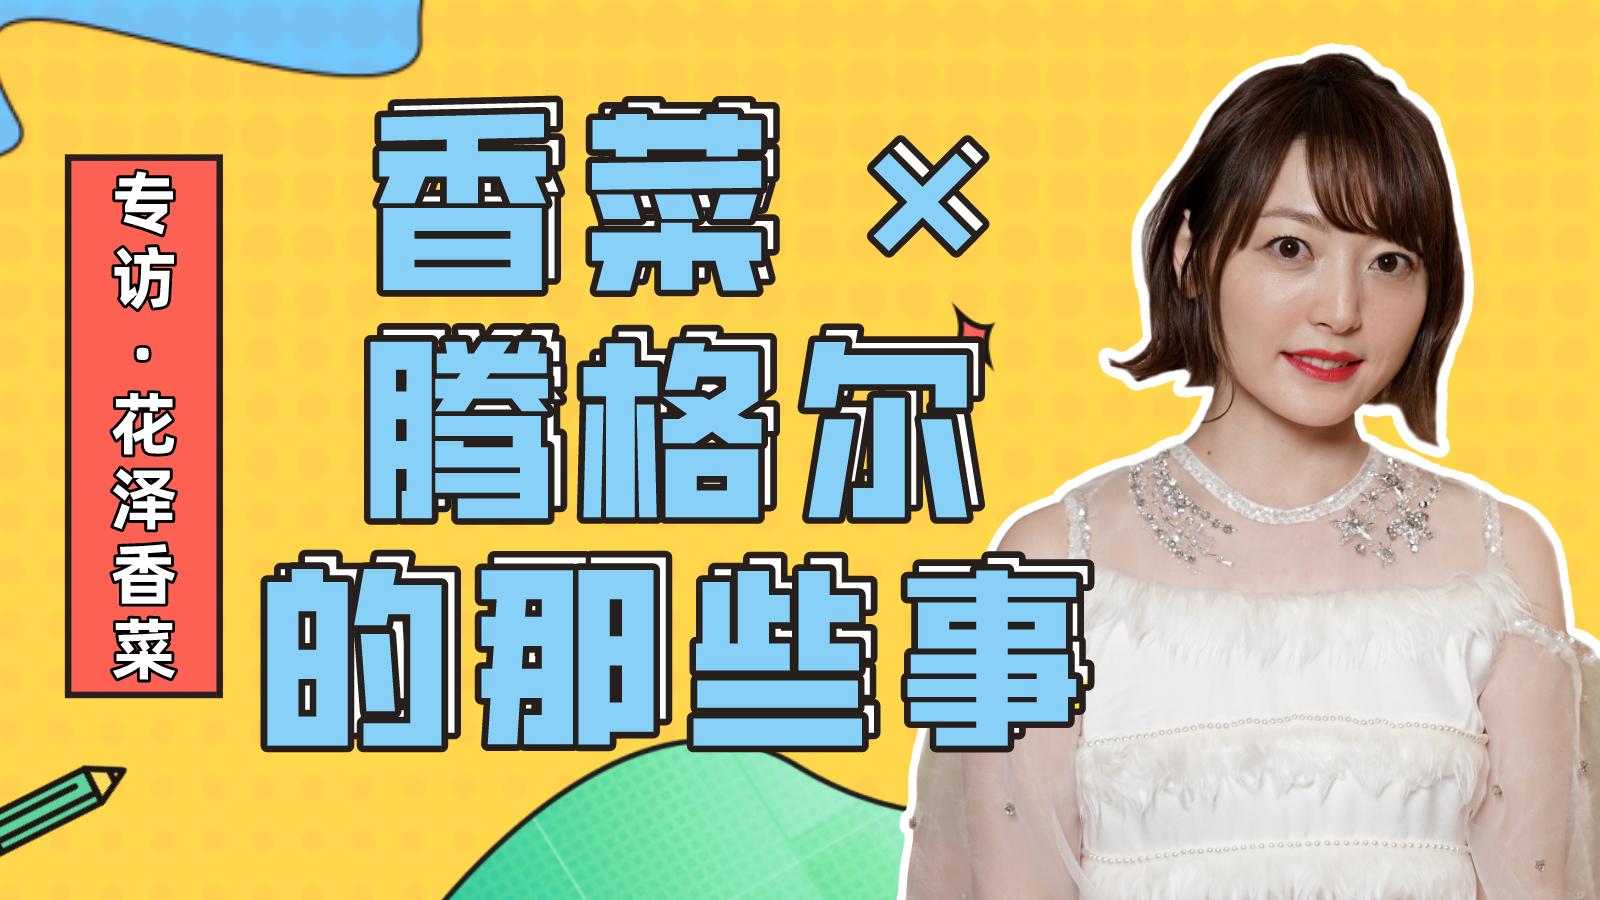 花泽香菜首次户外音乐节版《恋爱循环》来啦!她与腾格尔的初会面都聊了什么?